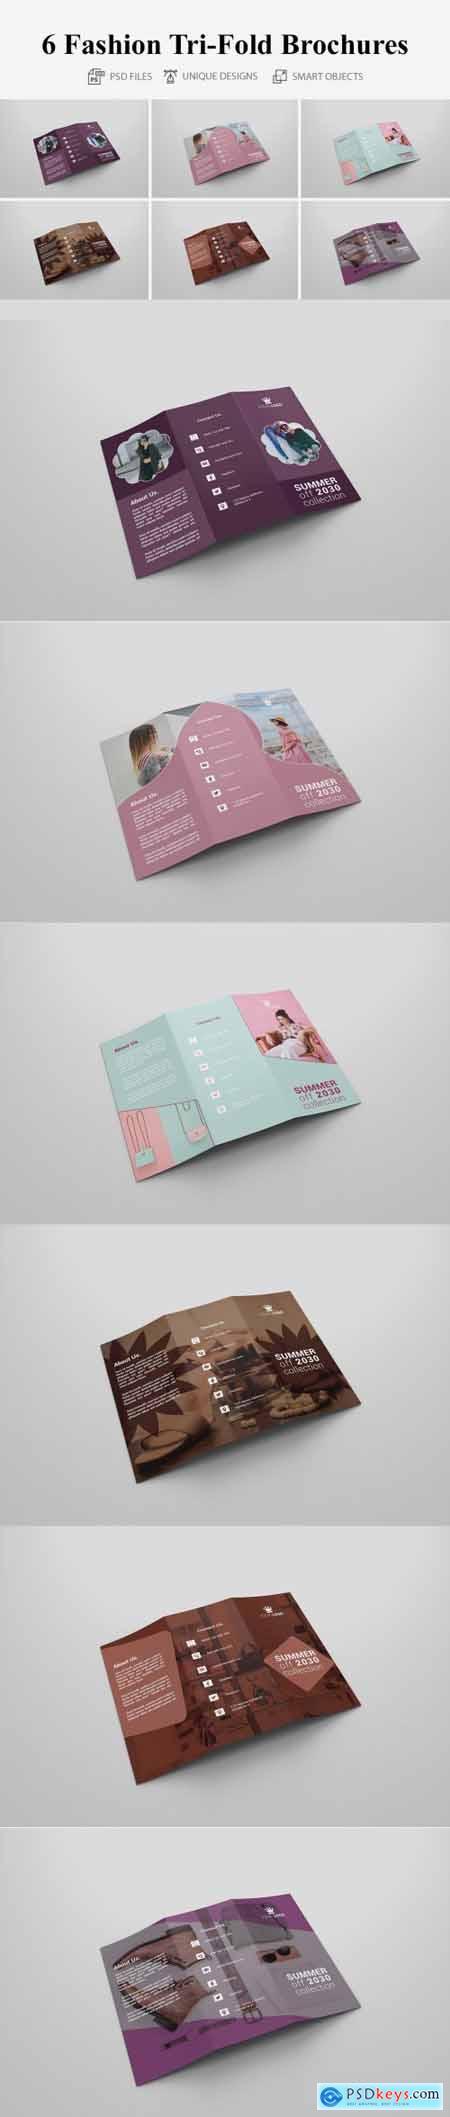 6 Fashion Tri Fold Bochures 4363873